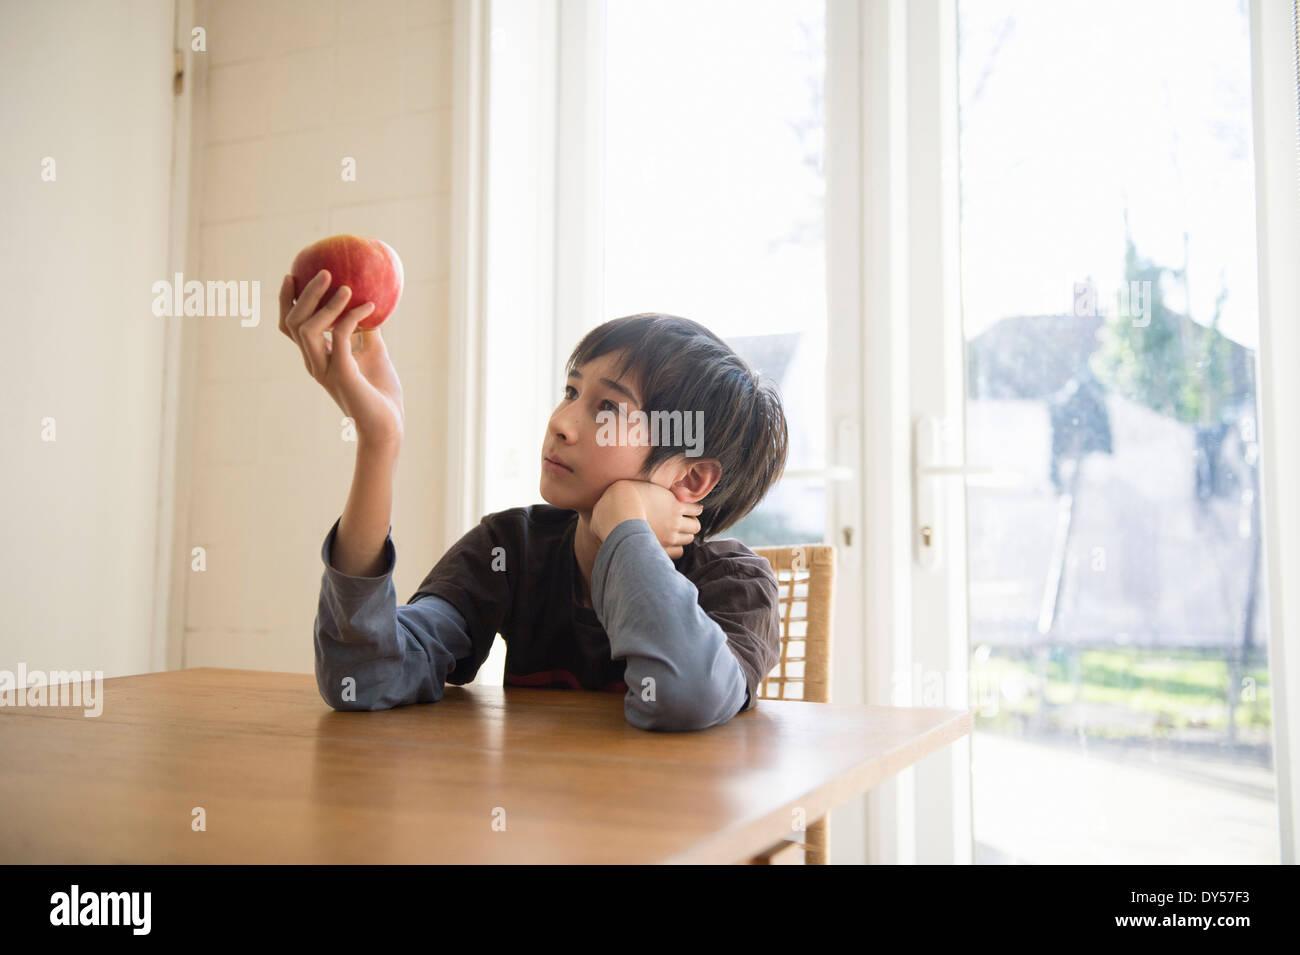 Muchacho sentado a la mesa, sosteniendo una manzana en frente de él Foto de stock